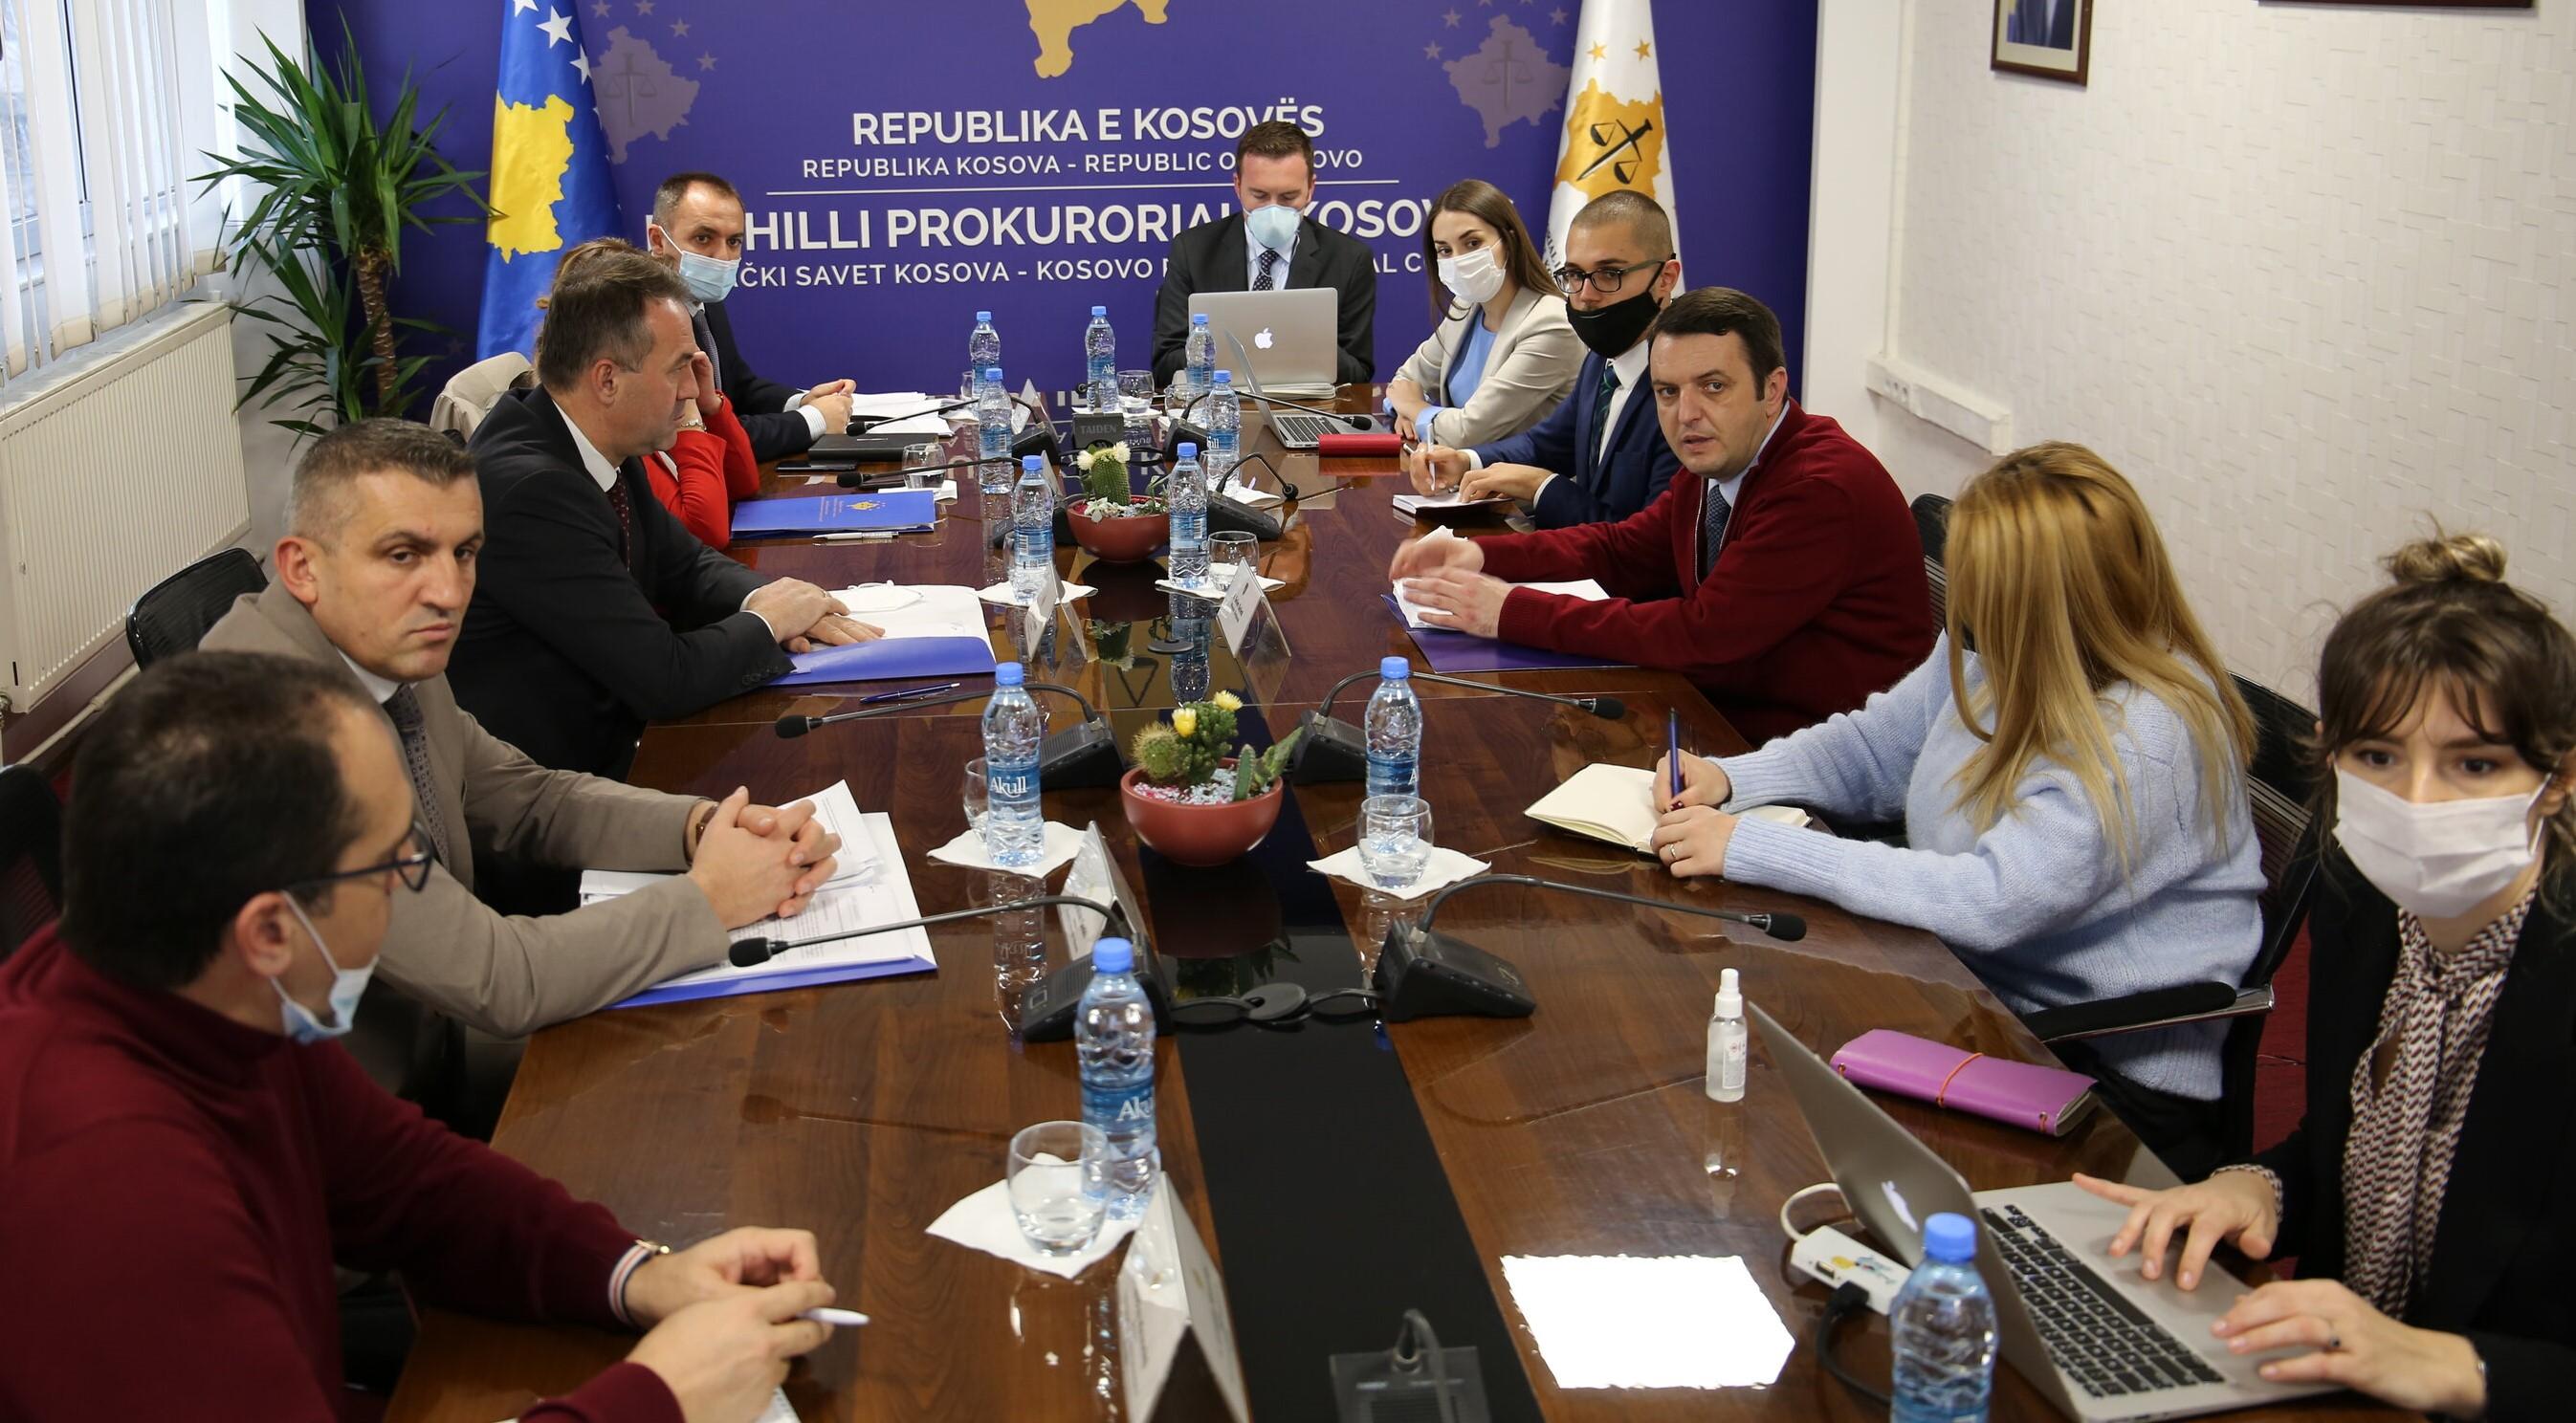 Kryesuesi Hyseni dhe Ministri Selimi diskutuan për procesin e Rishikimit Funksional të Sektorit të Sundimit të Ligjit